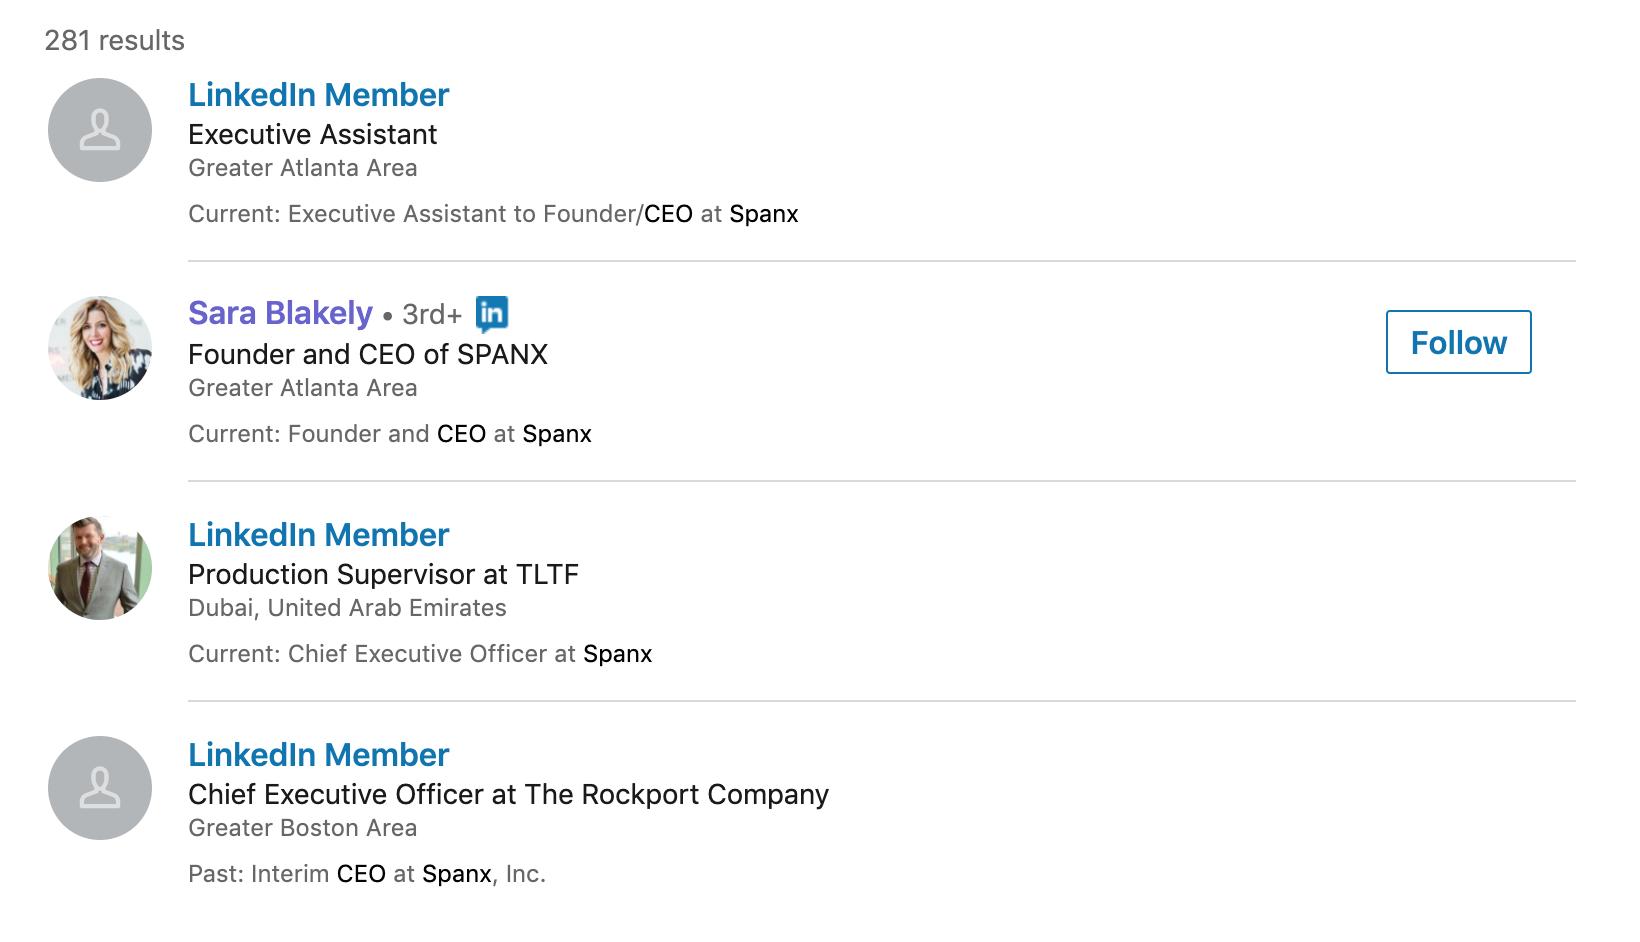 Сара написала в заголовке, что она основатель и директор SPANX. Я не знаю, чем занимается эта компания, а потому не могу быстро решить, интересна ли мне Сара. Советую указывать в заголовке название компании только в том случае, если о ней знают все